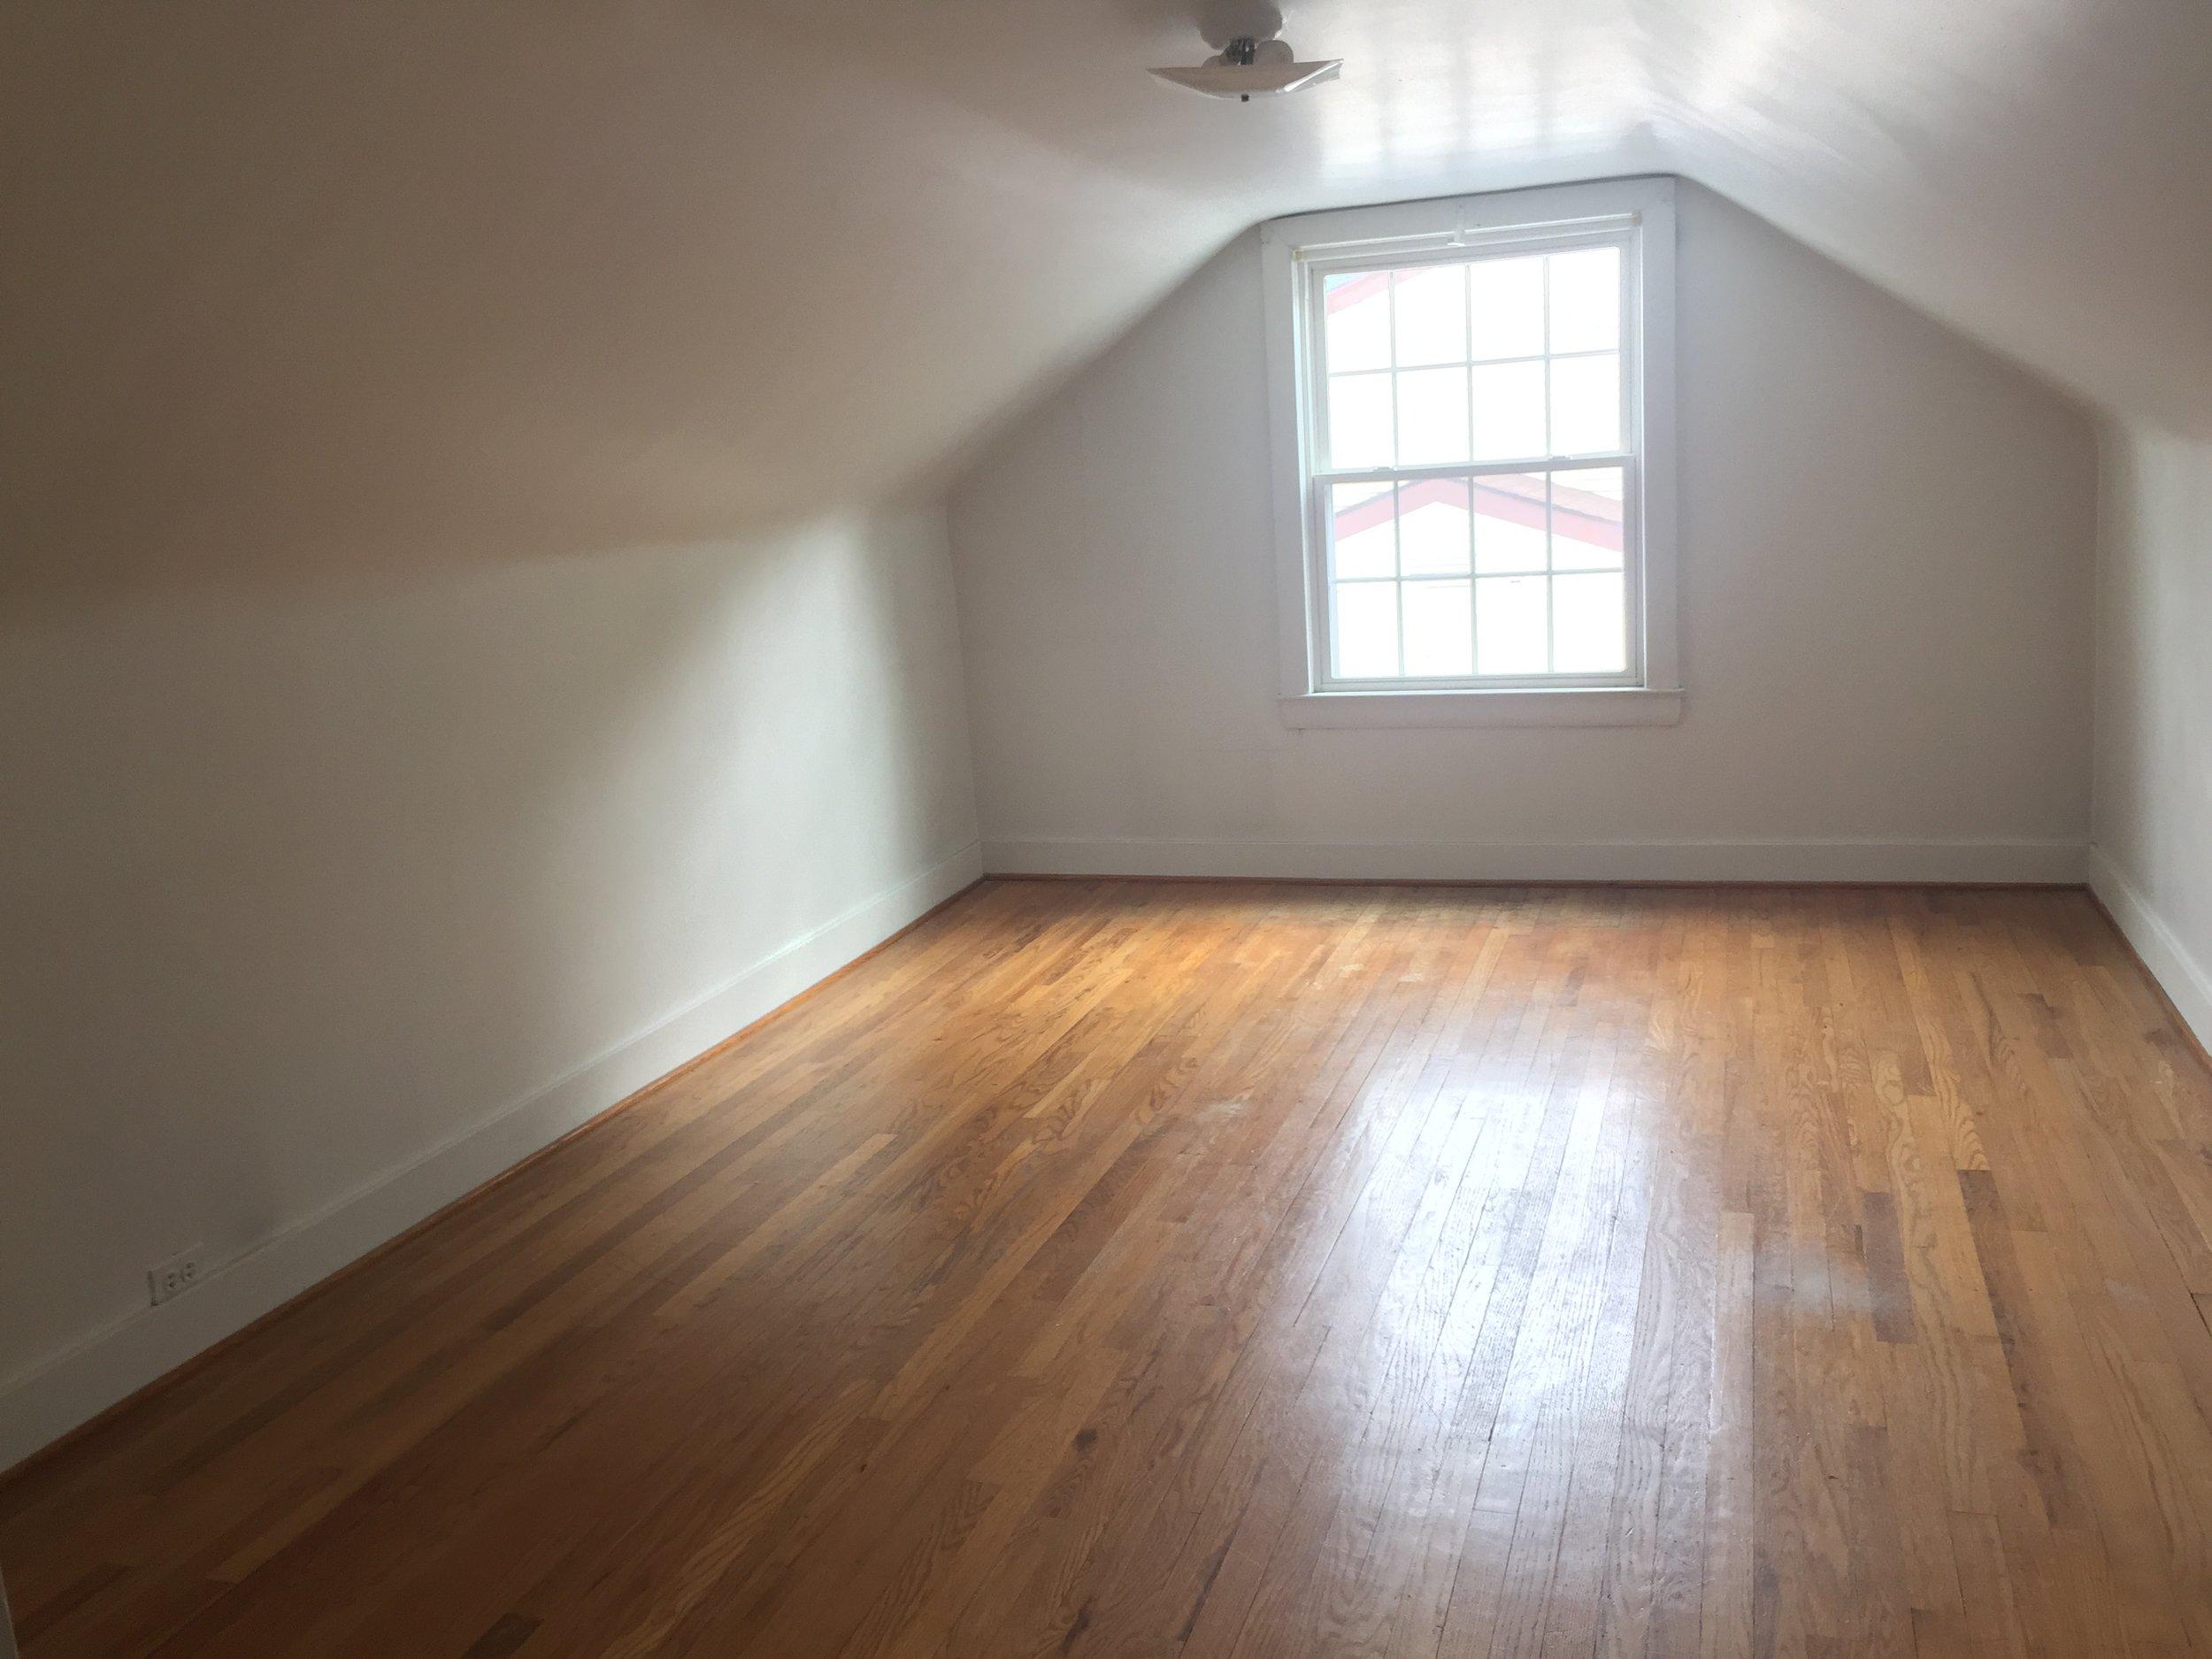 Second floor, second bedroom